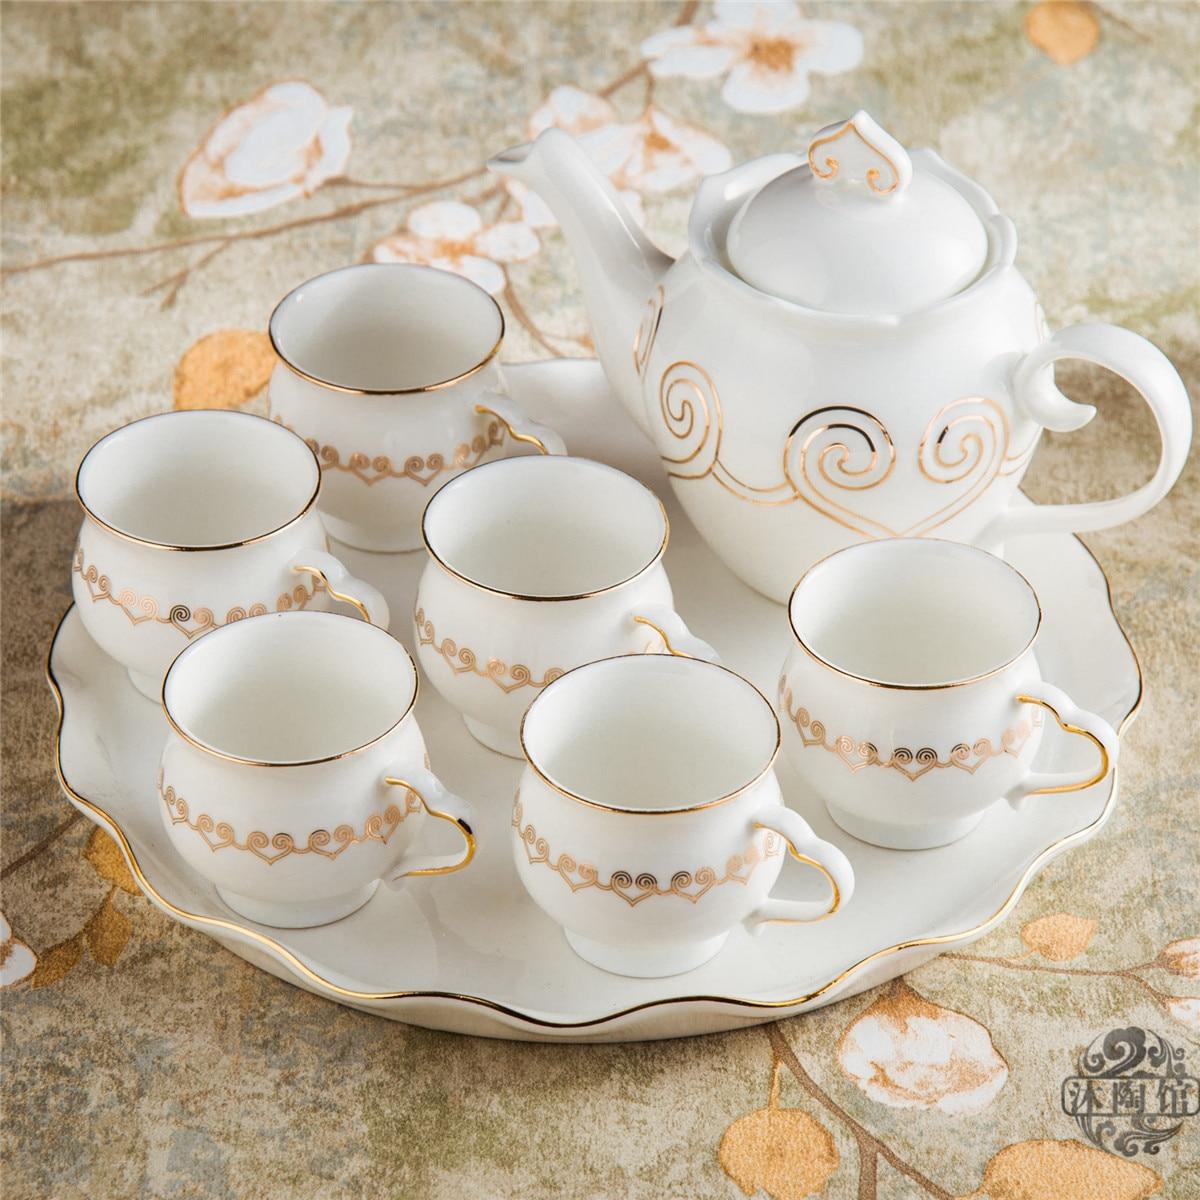 Ensemble de thé en céramique de style européen 8 pièces ensemble de thé en porcelaine avec plateau thé anglais après-midi thé aux fruits et thé aux fleurs